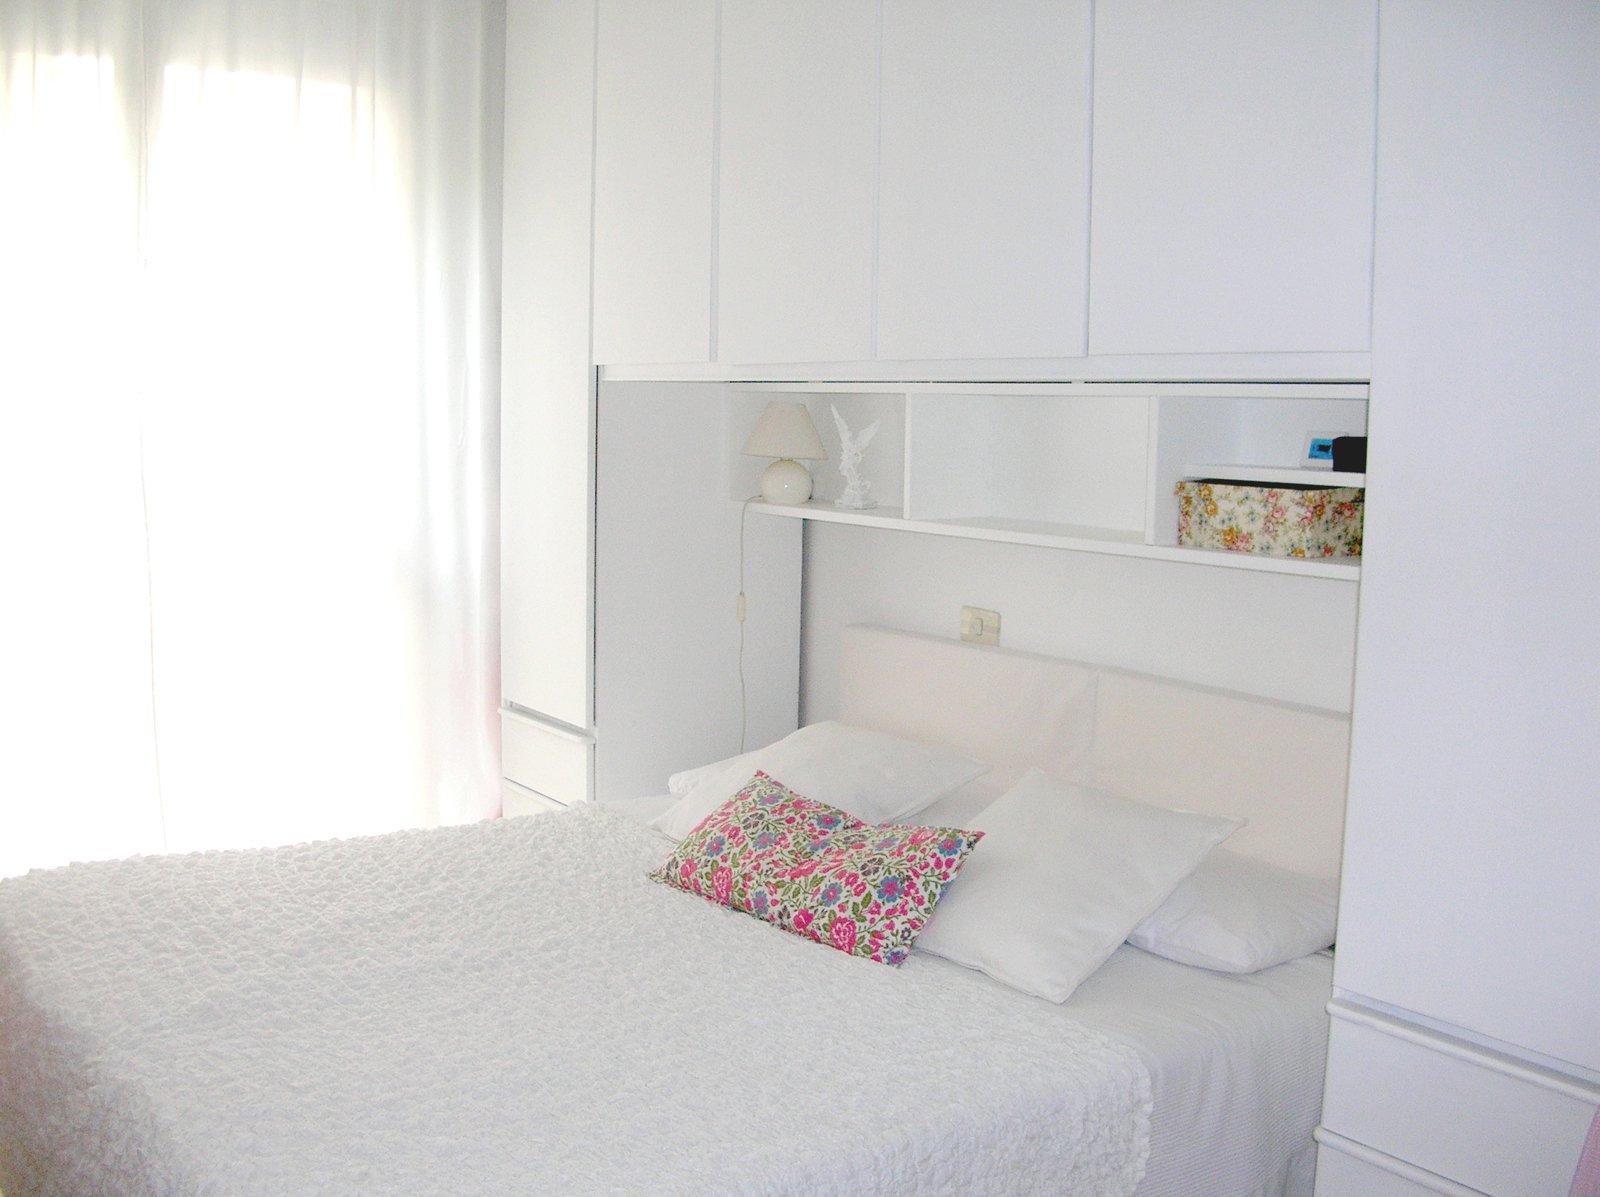 La camera da letto si fa nuova con un tocco di bianco cose di casa - Rinnovare la camera da letto ...